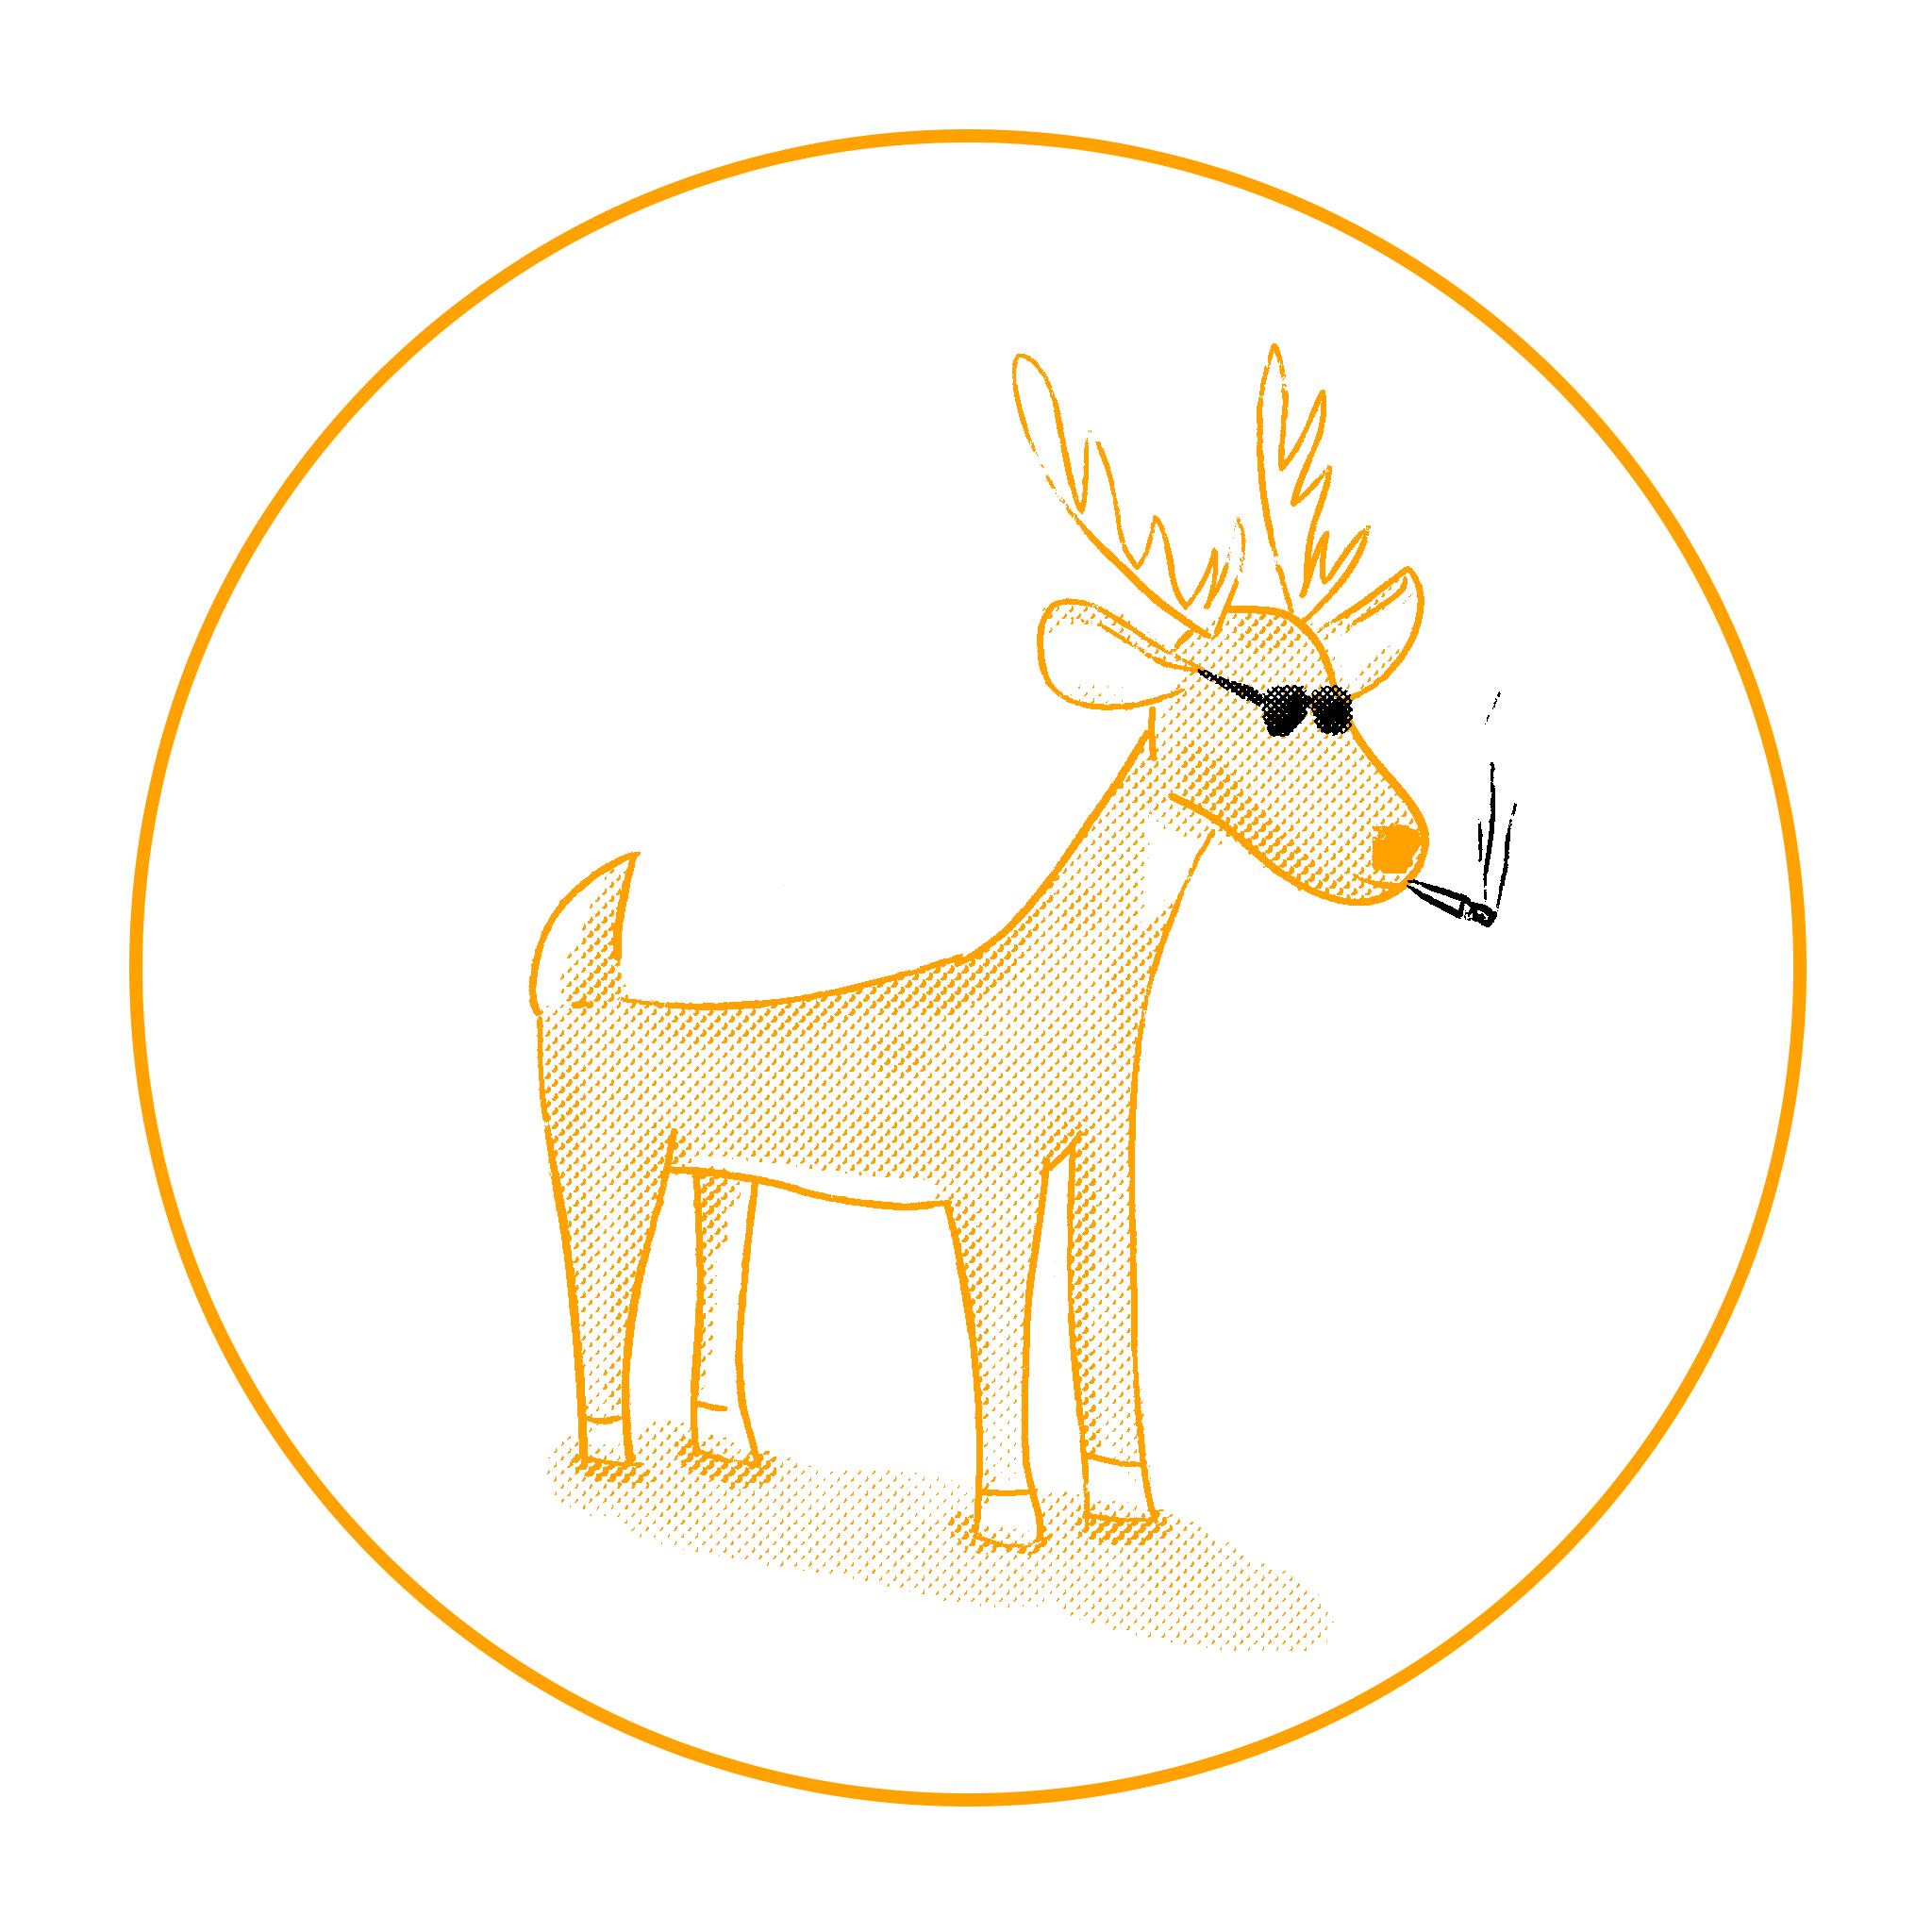 lac-bau-cua_tet-2018_2048x2048_190105_nh_v2.1_deer.png